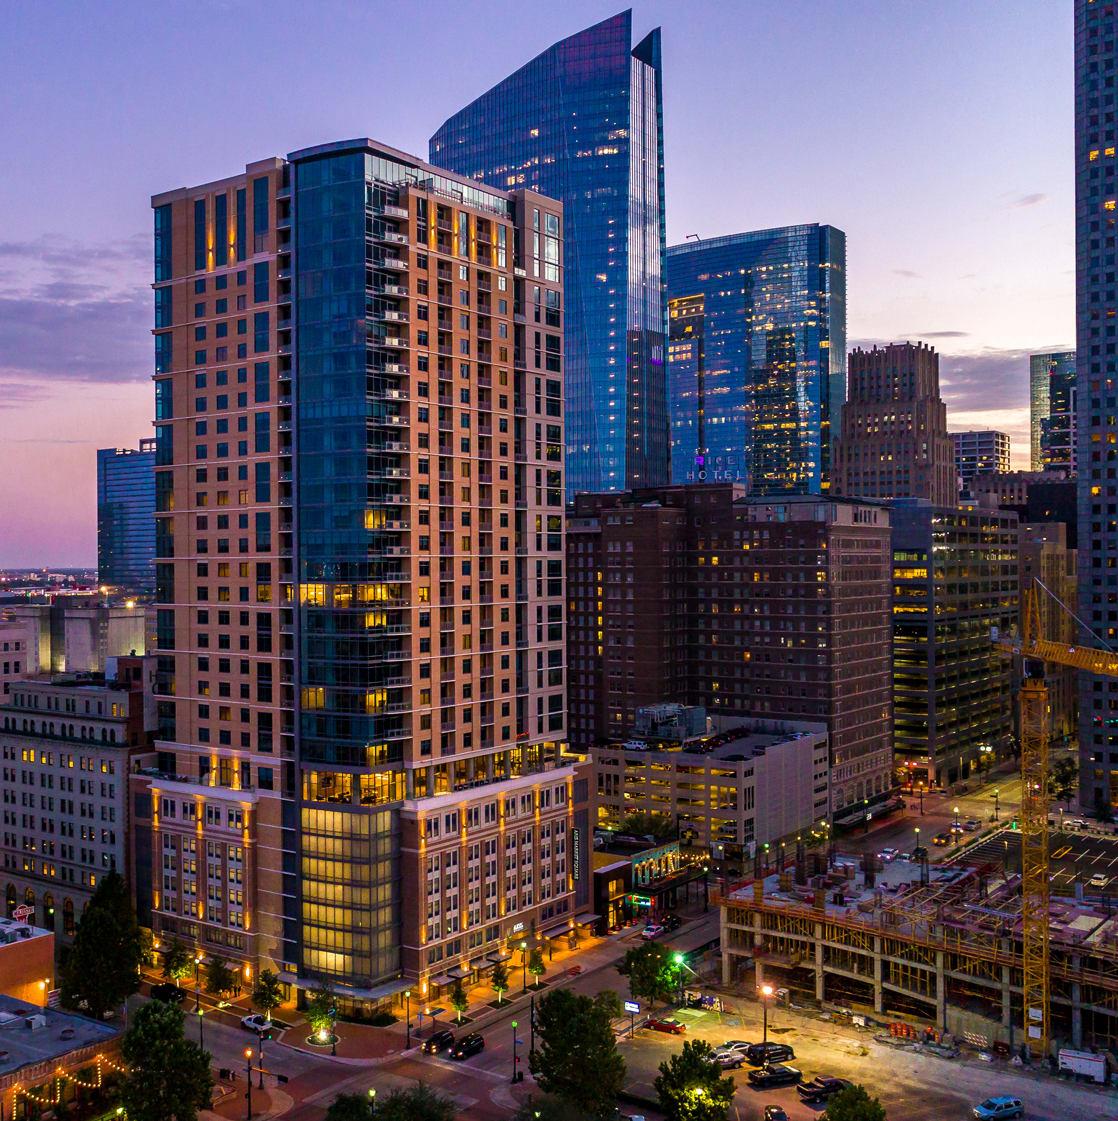 Houston, Aris Market Square, December 2017, Aris Market Square